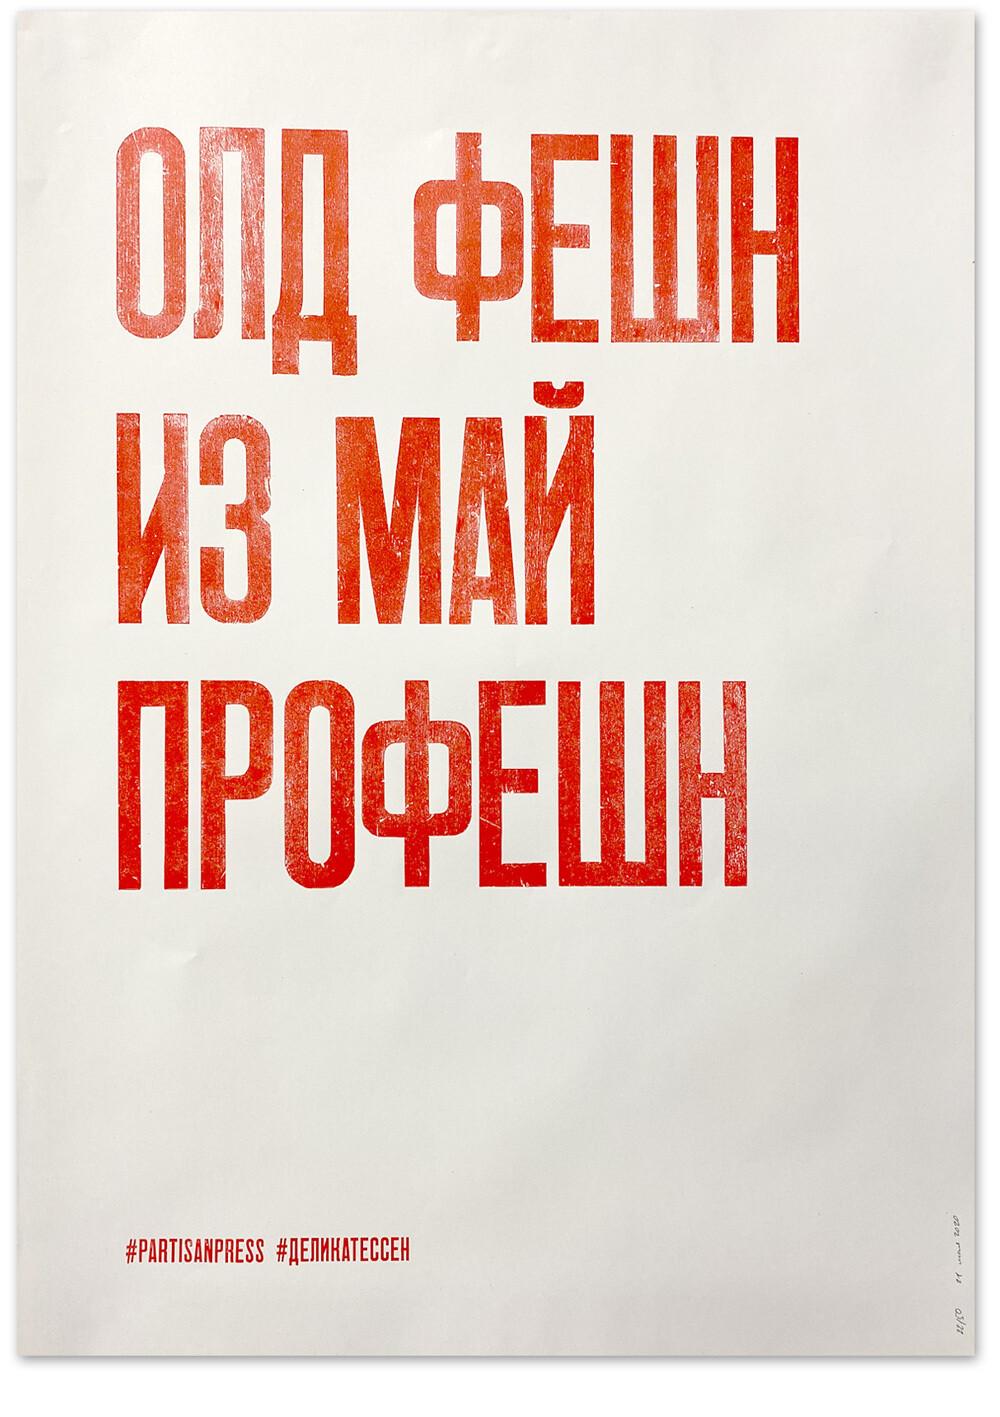 Плакат и коктейль «Олд фэшн из май профешн»